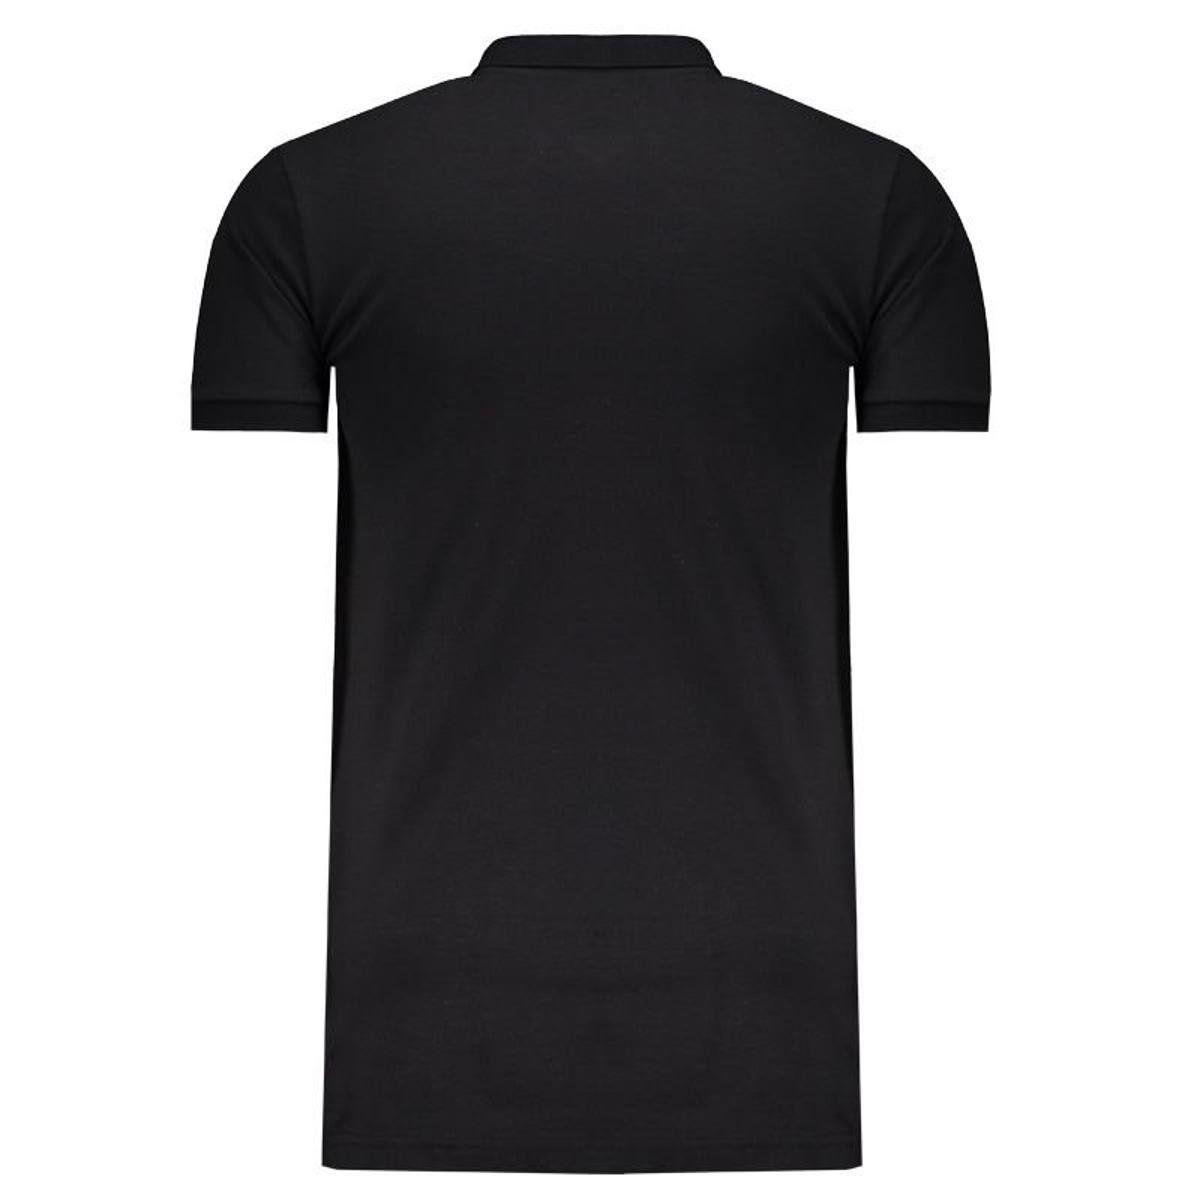 Camisa Polo Viagem Comissão - Kappa - 2019 - Masculina - Preto